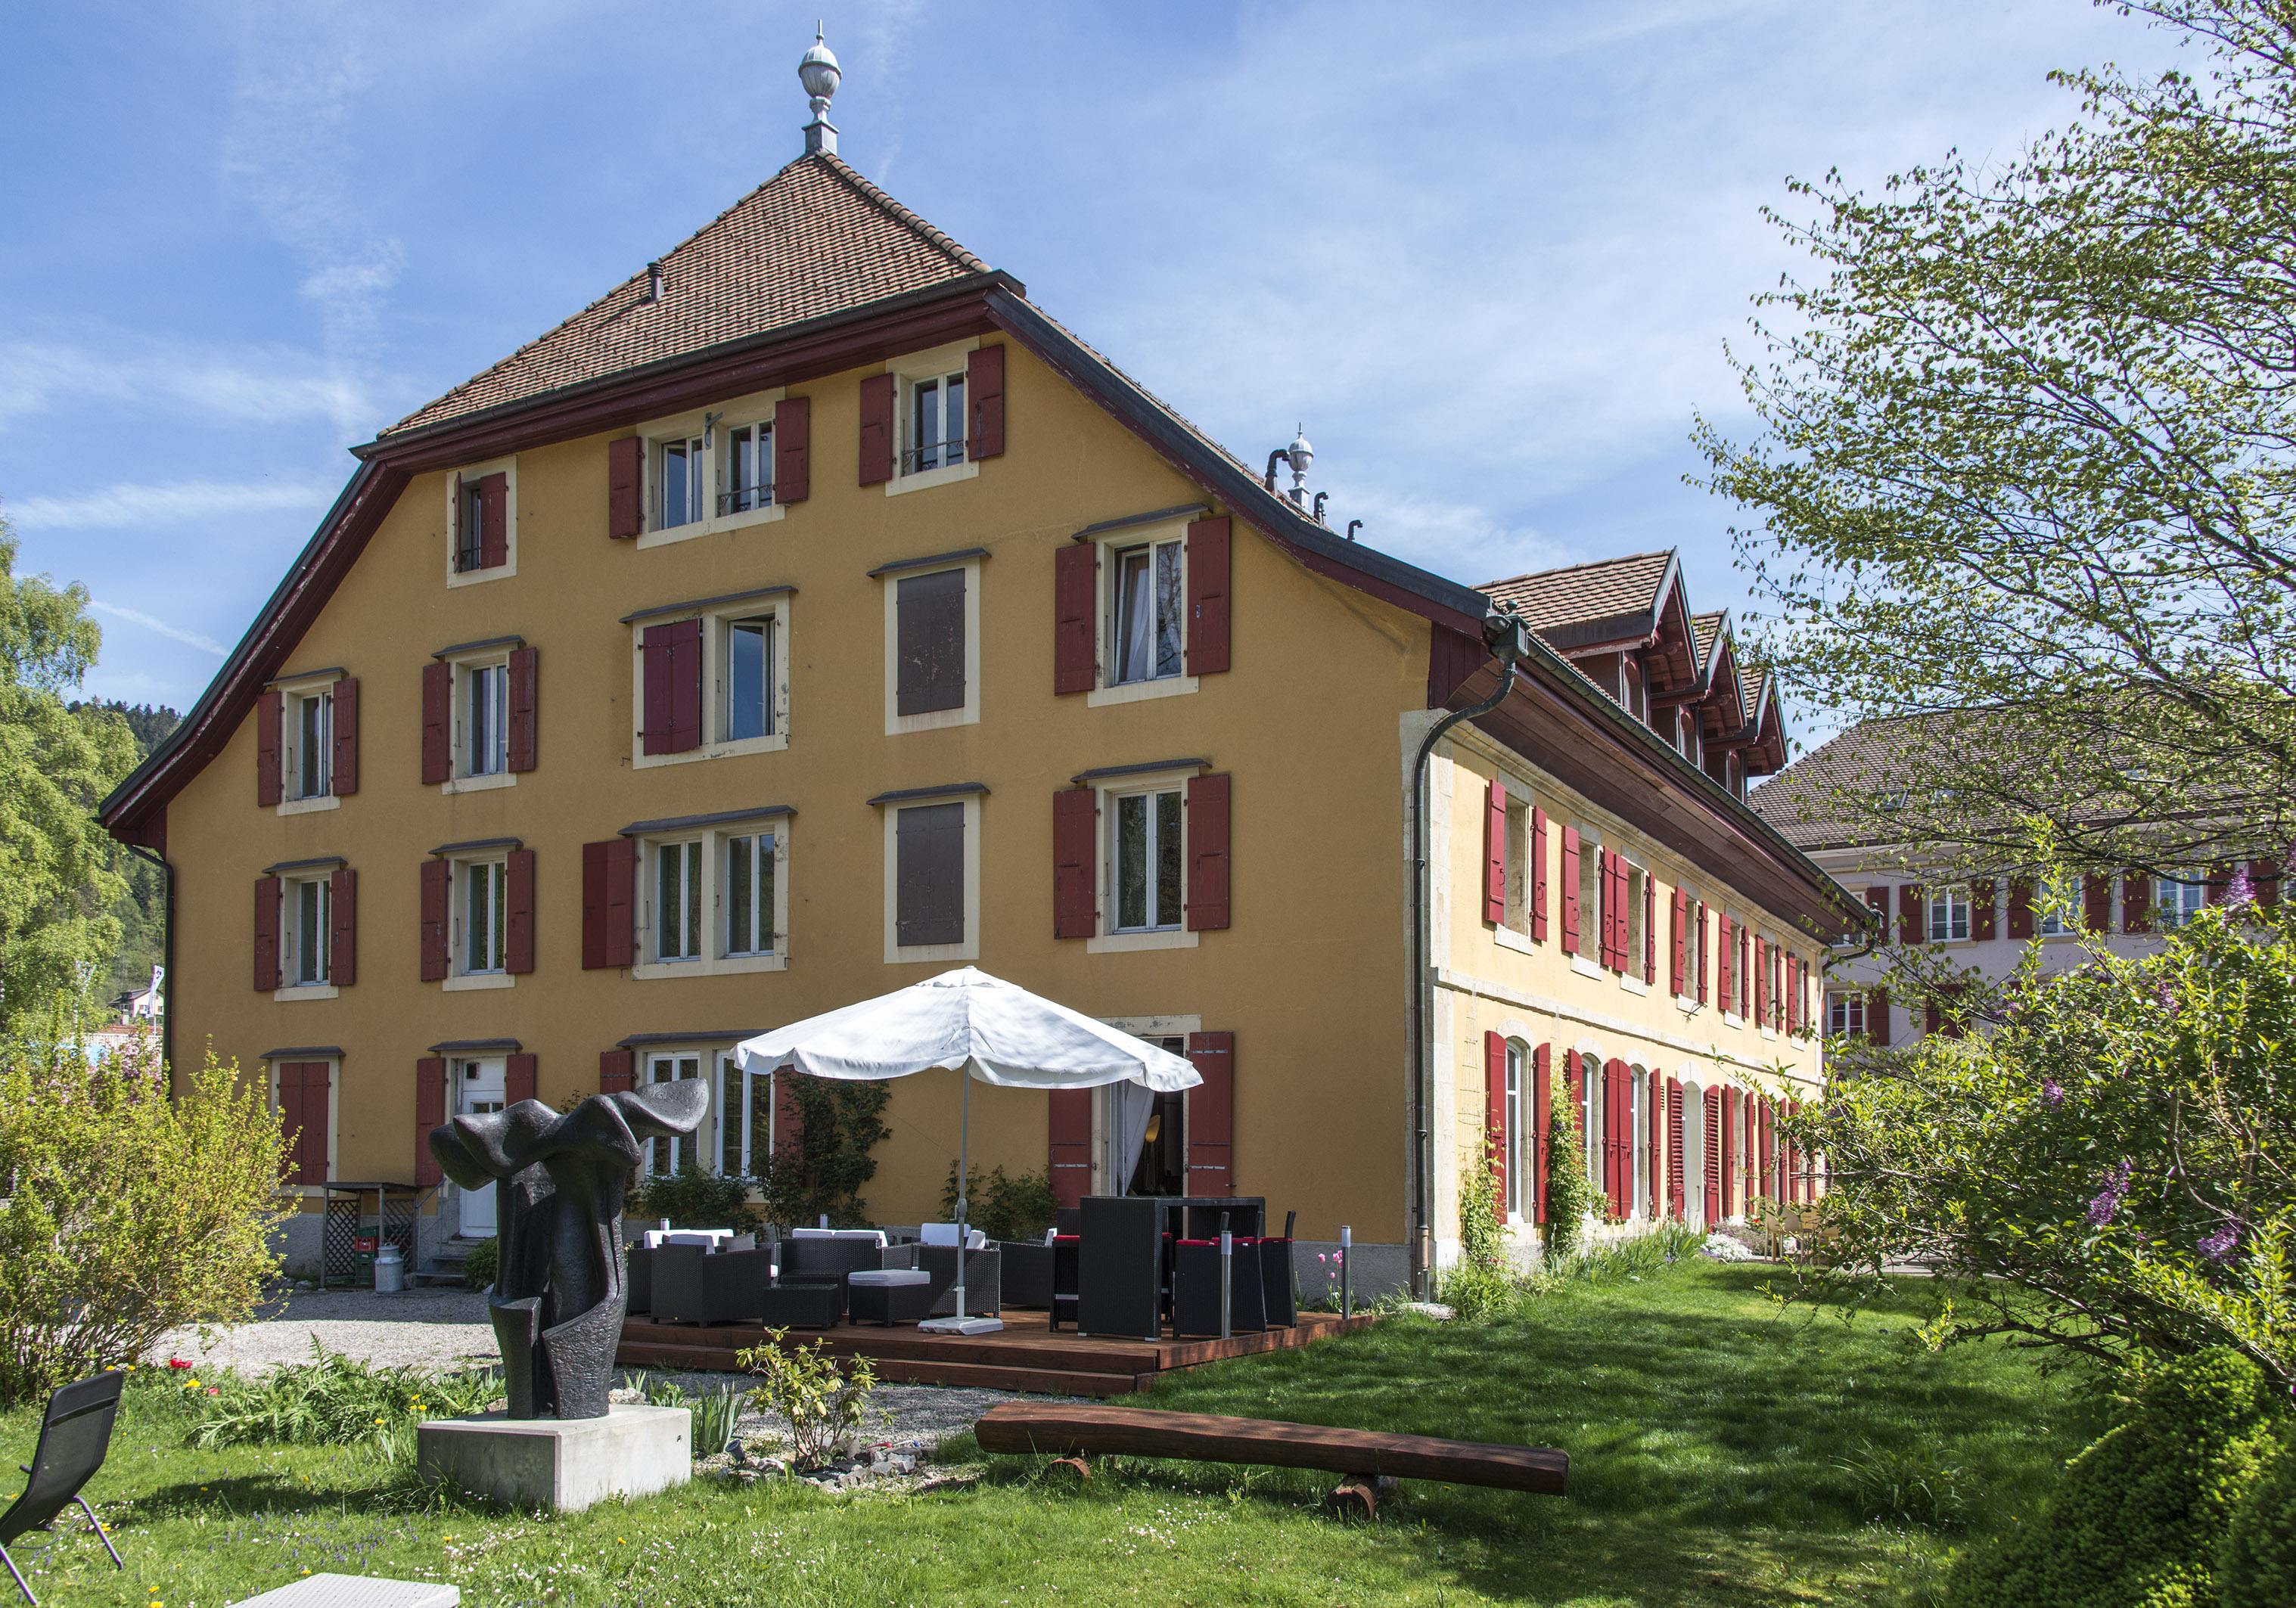 Das Hôtel de l'Aigle in Couvet